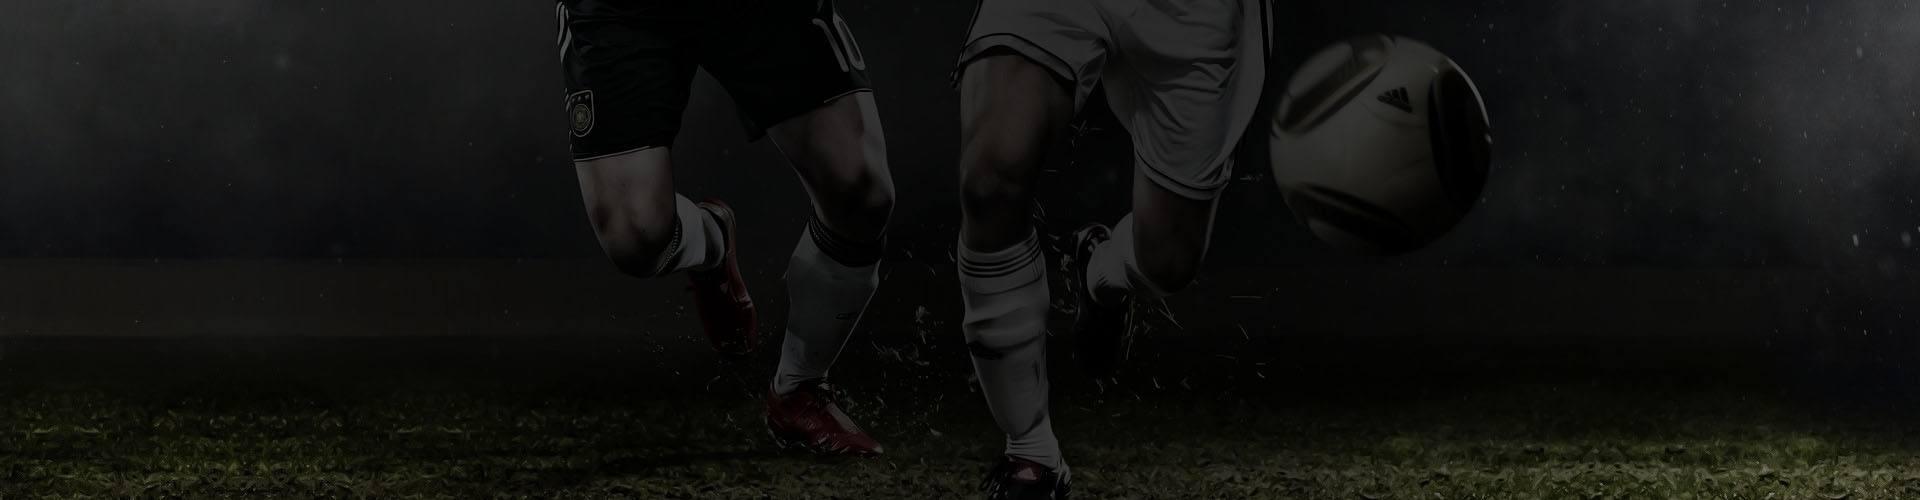 Melbet Wettsteuer – Müssen die Spieler beim Wettanbieter Melbet die Wettsteuer zahlen?